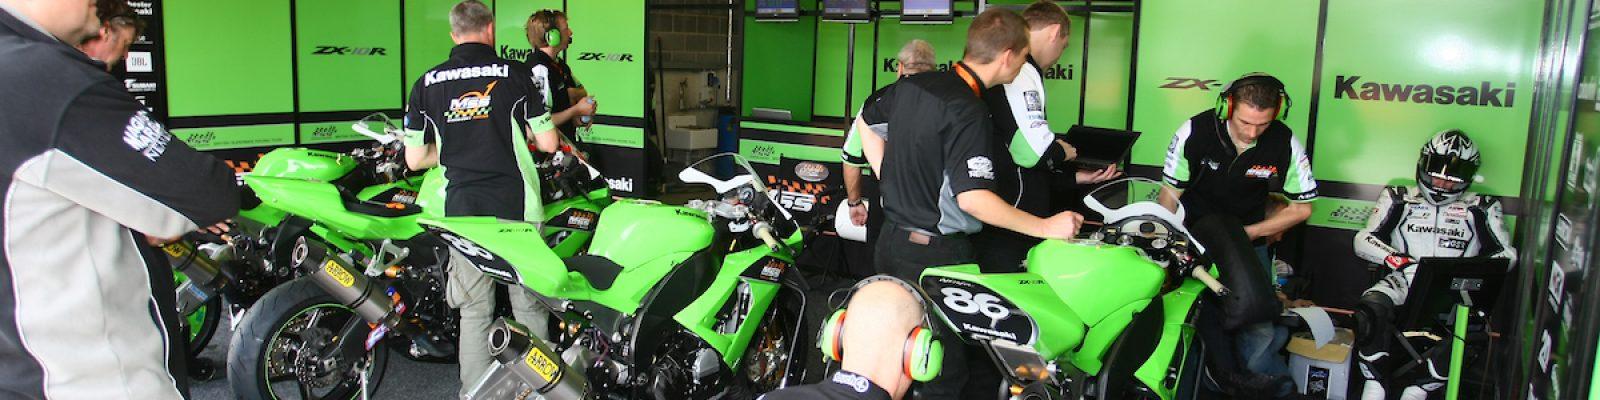 MSS Colchester Kawasaki Garage Shot